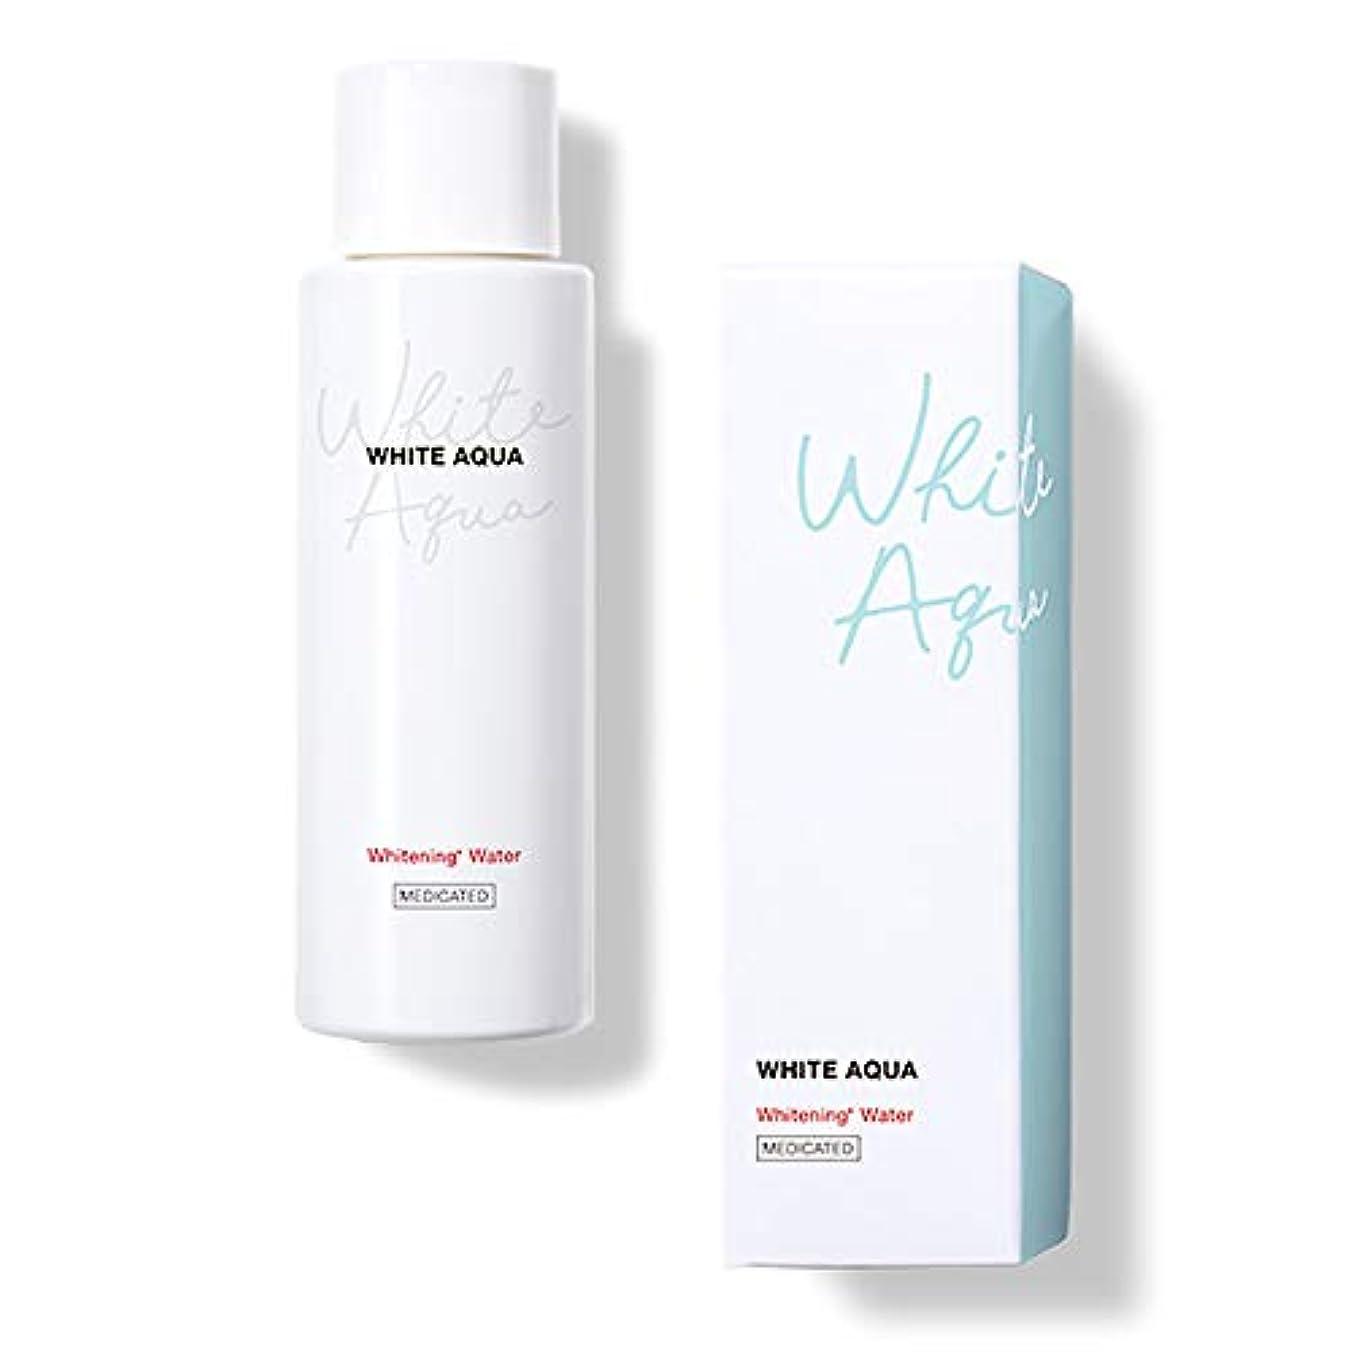 簡単にかんたんミントホワイトアクア WHITE AQUA 薬用美白水